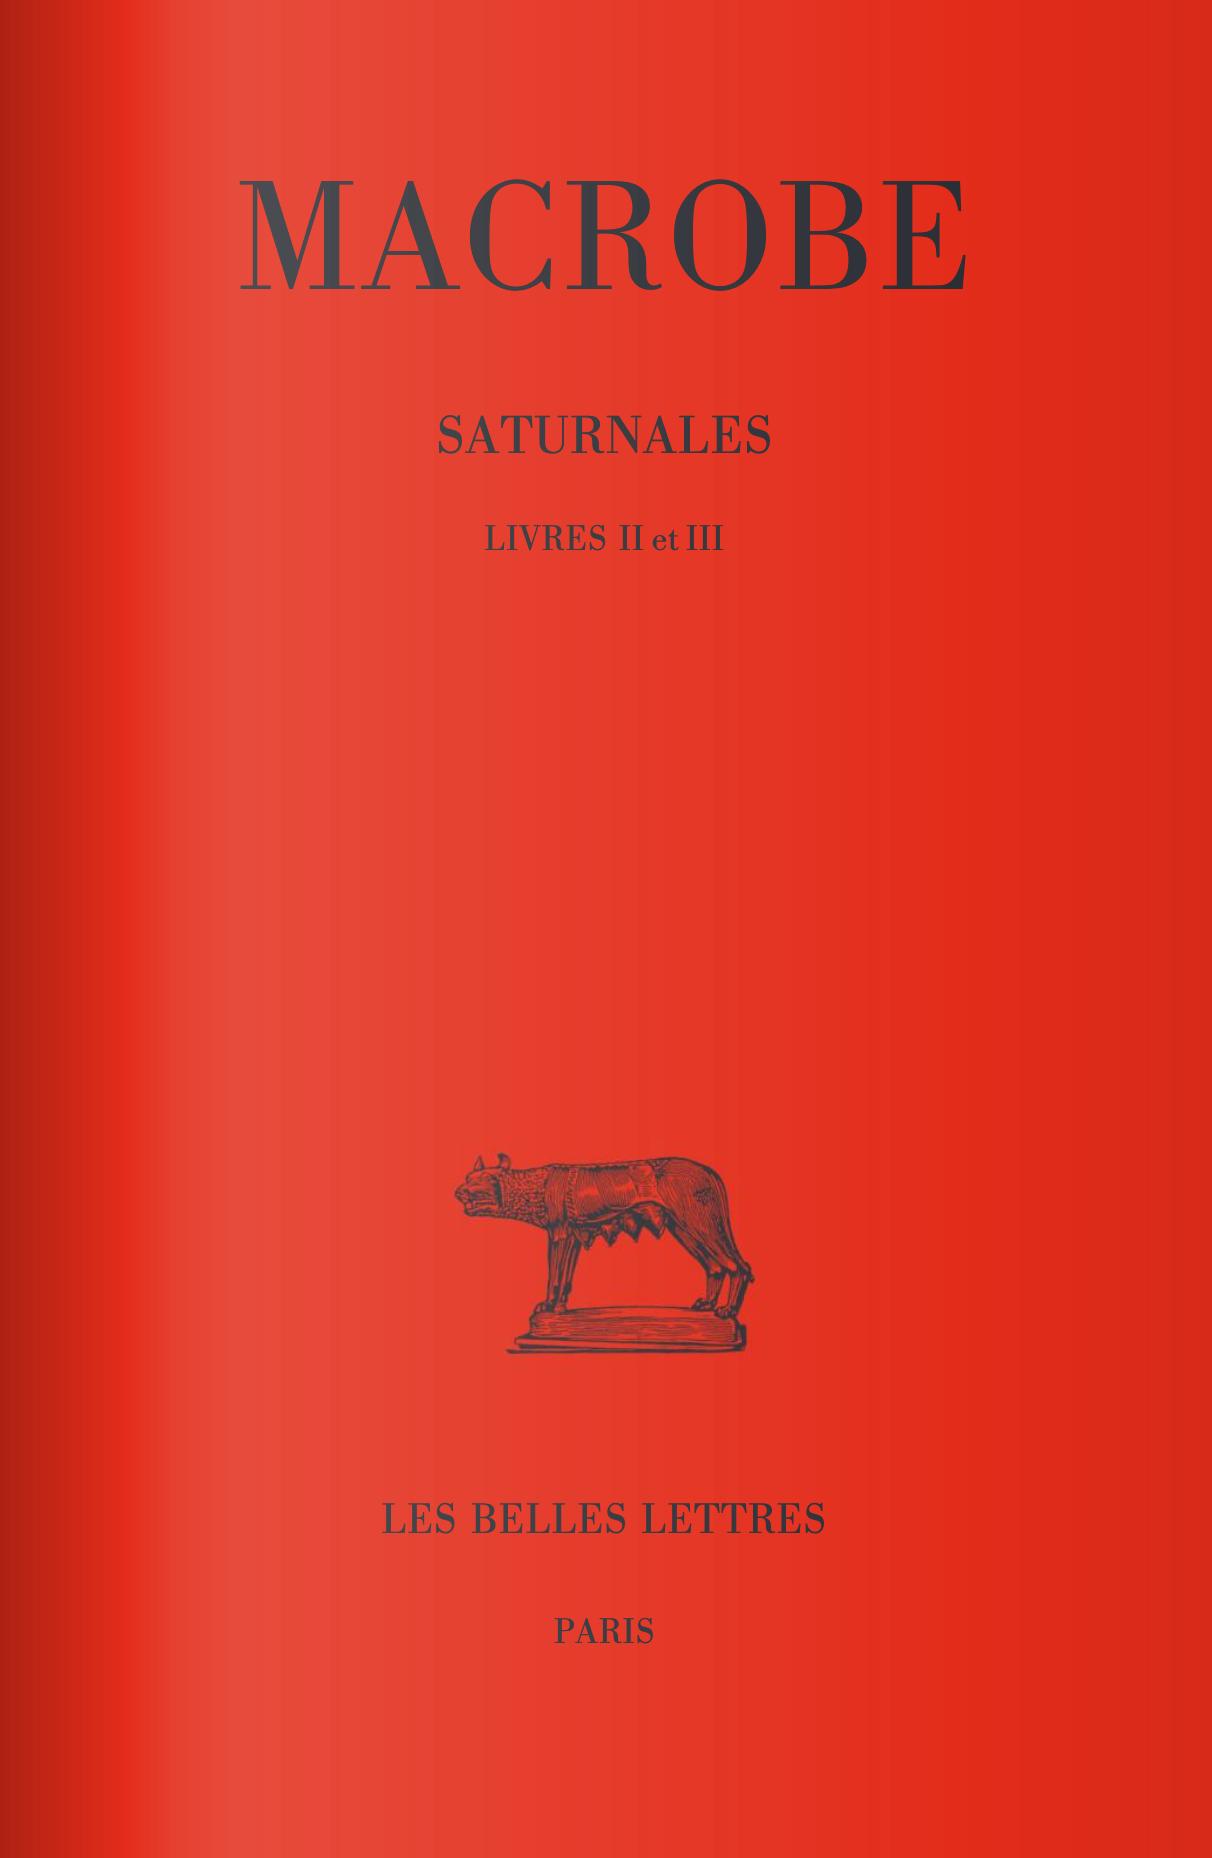 macrobe_saturnales_livres_ii_et_iii.jpg